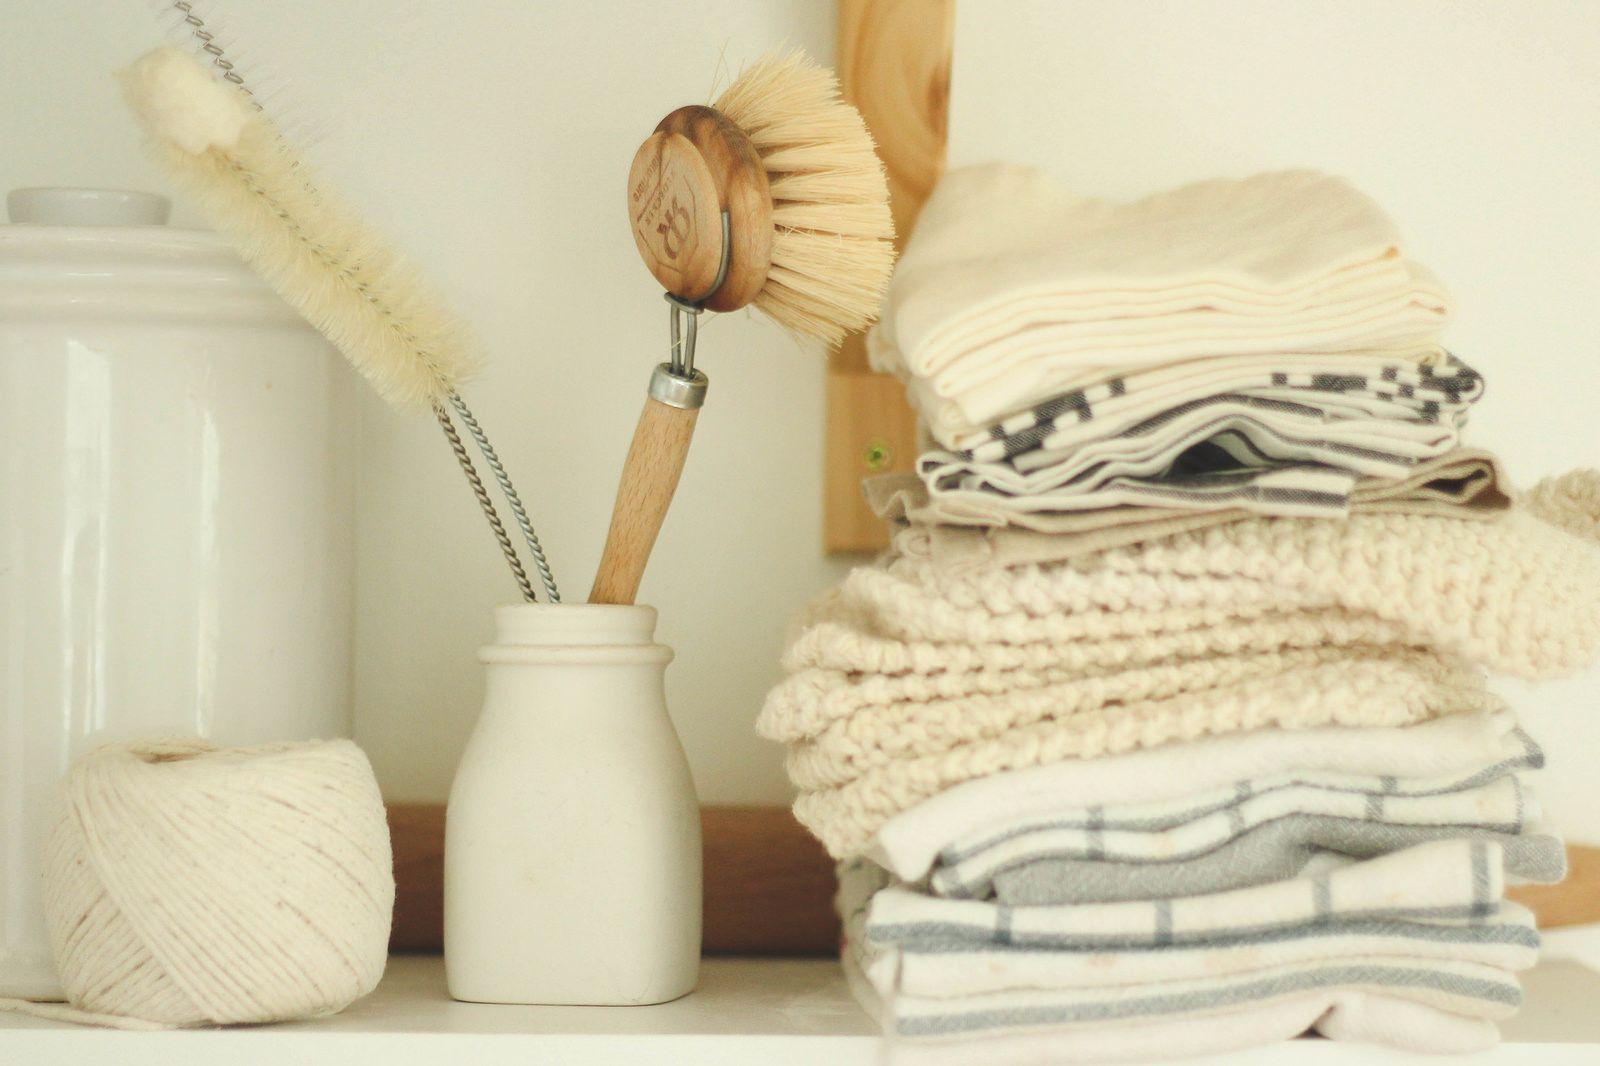 1 (1 of 1)   Scrubbing brushes, Zero waste and Kitchen essentials